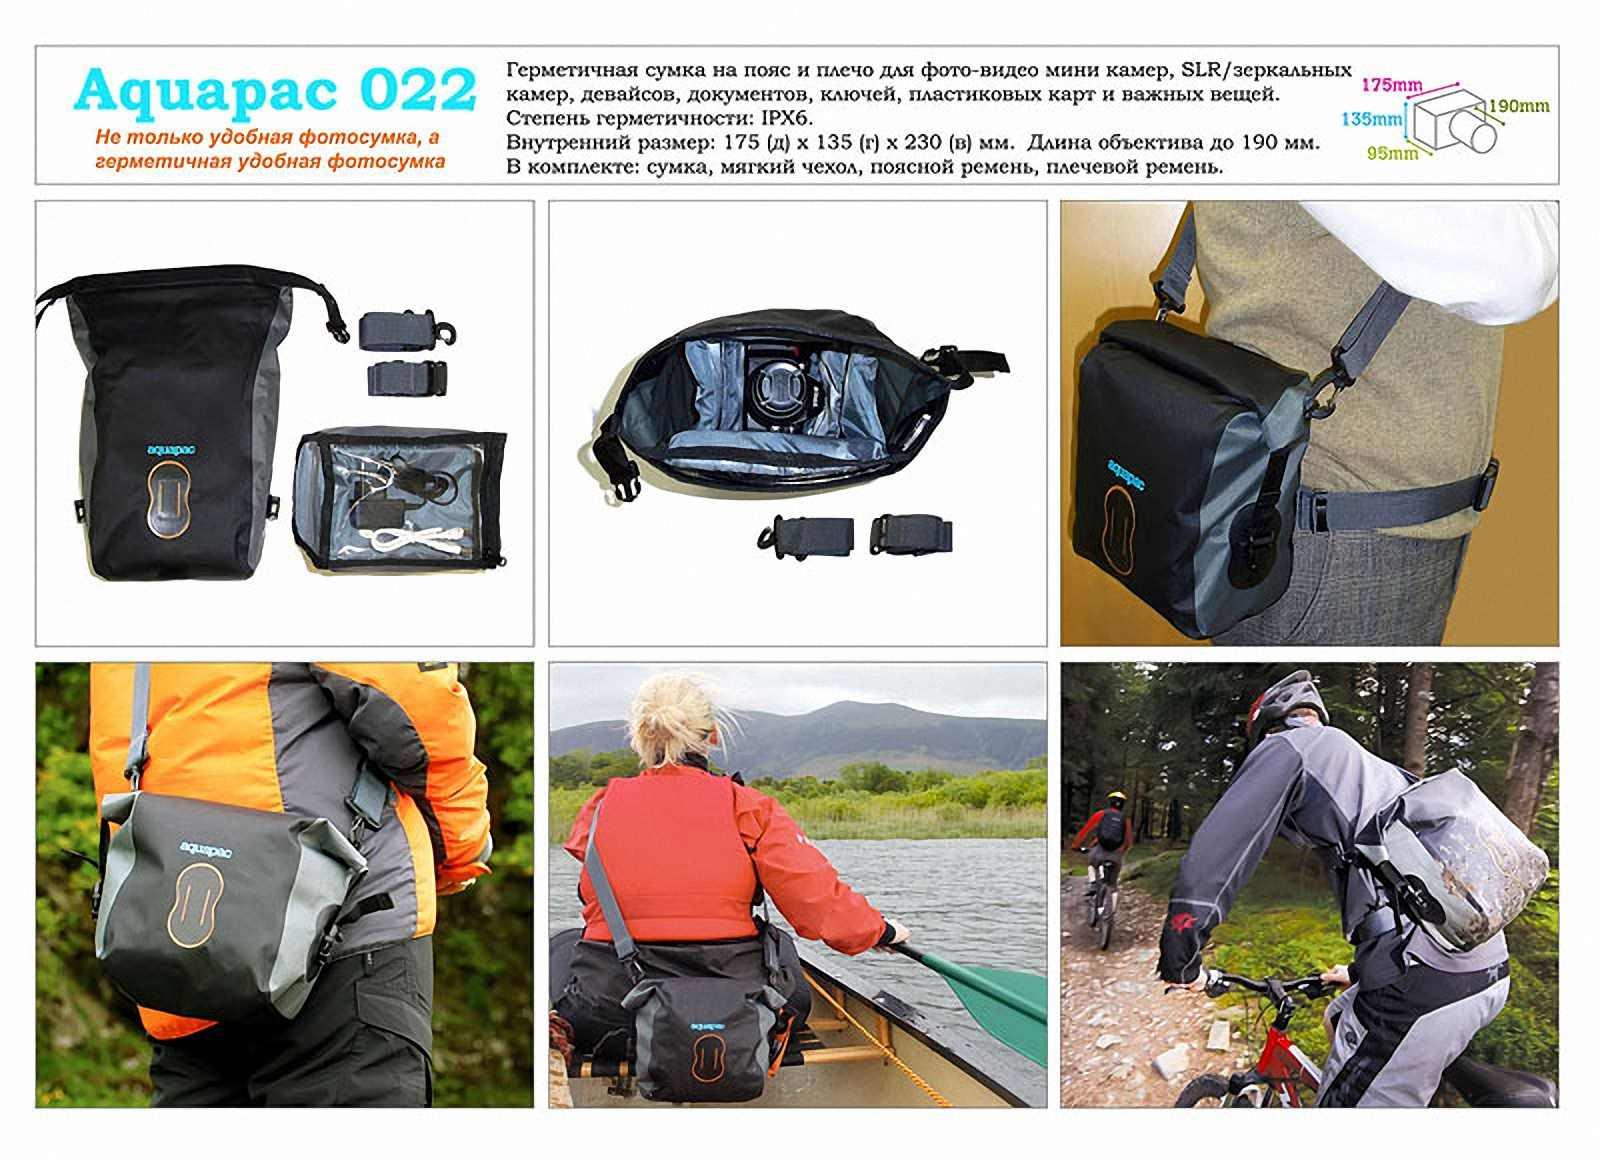 Водонепроницаемый чехол для фотоаппарата - Aquapac 022. Aquapac - №1 в мире водонепроницаемых чехлов и сумок. Фото 4